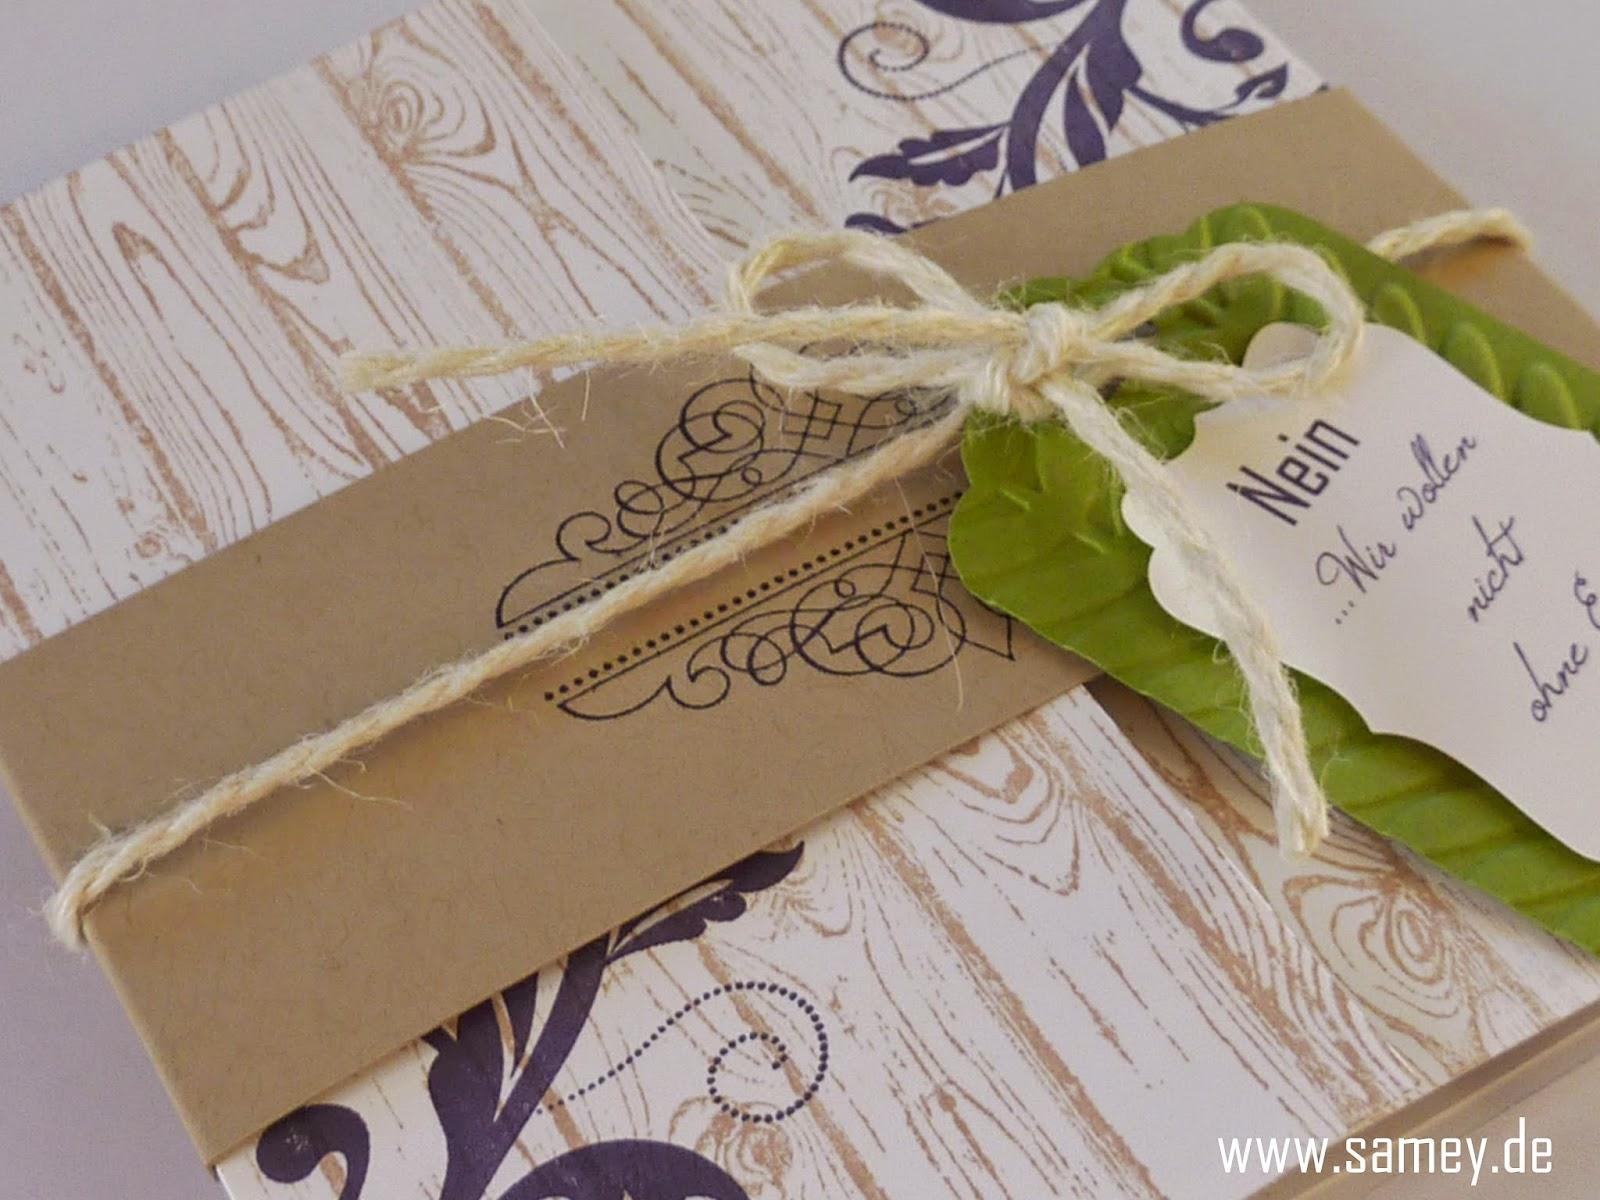 Samey Atelier Farbstil Einladungskarte Zur Hochzeit In Lila Grun